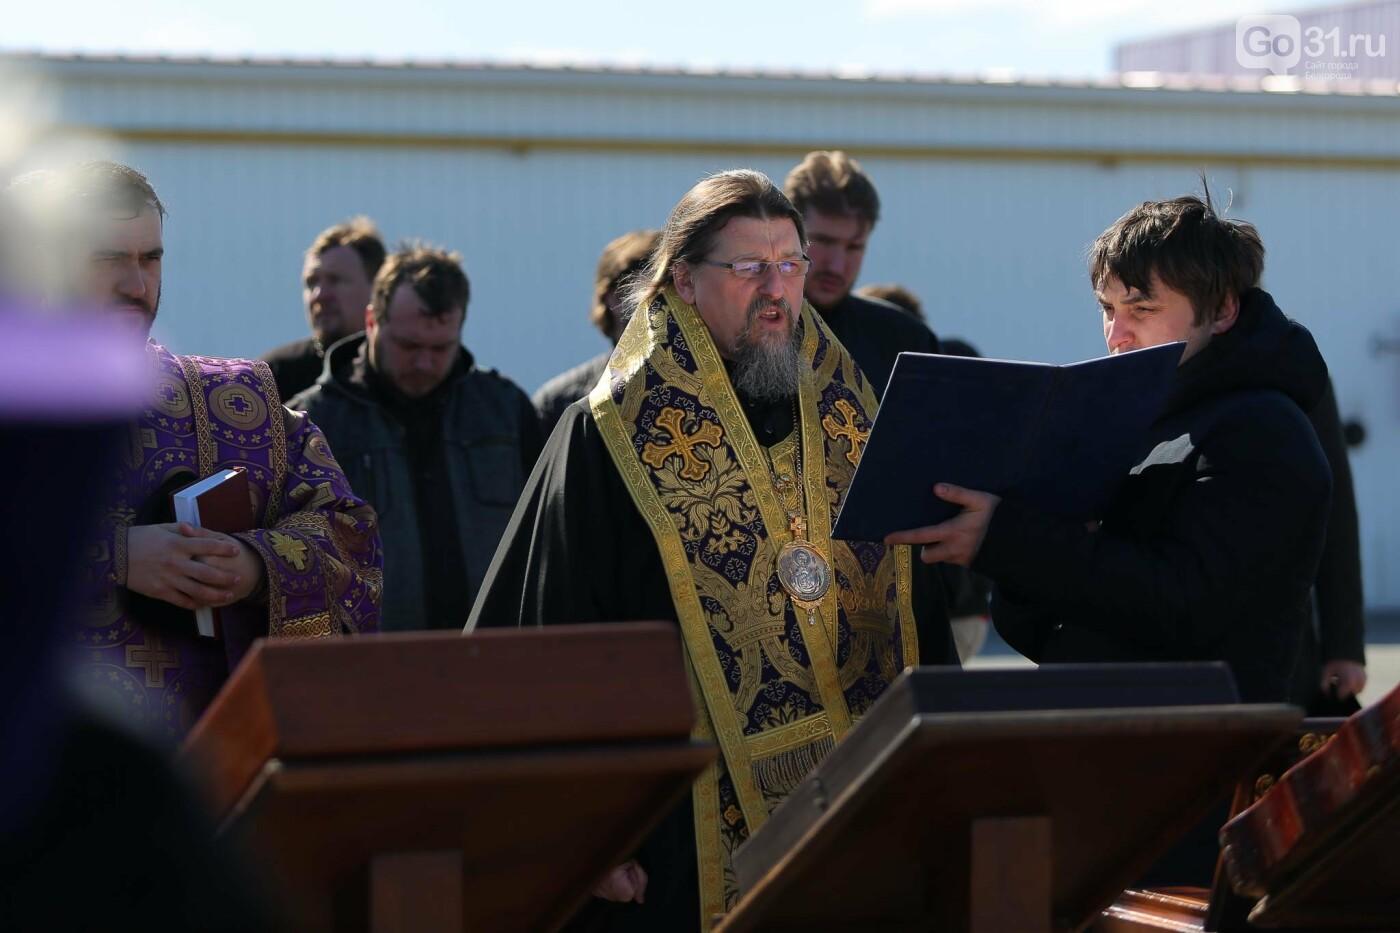 Владыка Иоанн совершил воздушный крестный ход над Белгородской областью, фото-23